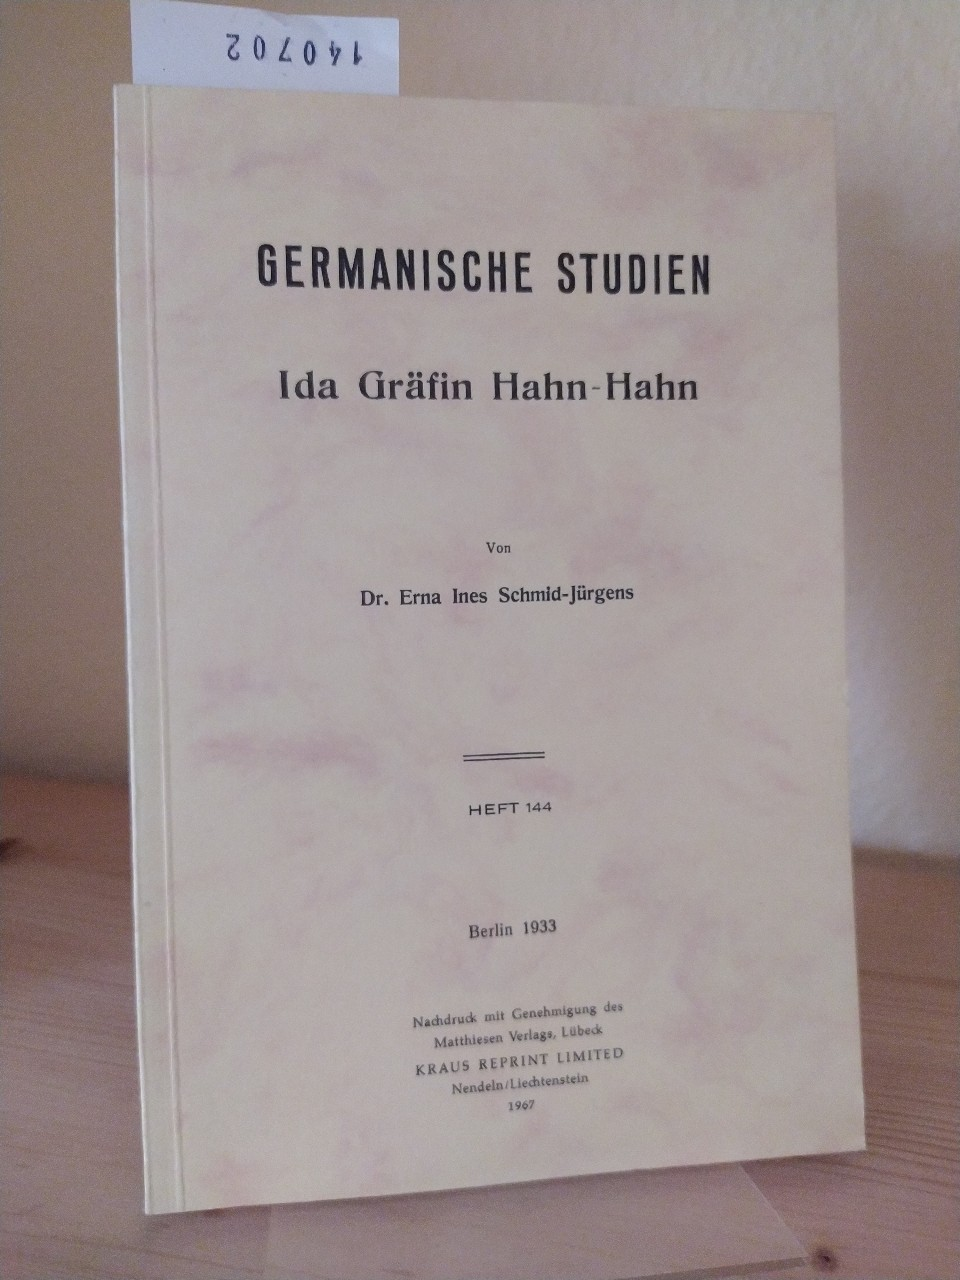 Ida Gräfin Hahn-Hahn. [Von Erna Ines Schmid-Jürgens]. (= Germanische Studien. Heft 144). Reprint der Ausgabe Berlin, Verlag Dr. Emil Ebering 1933.